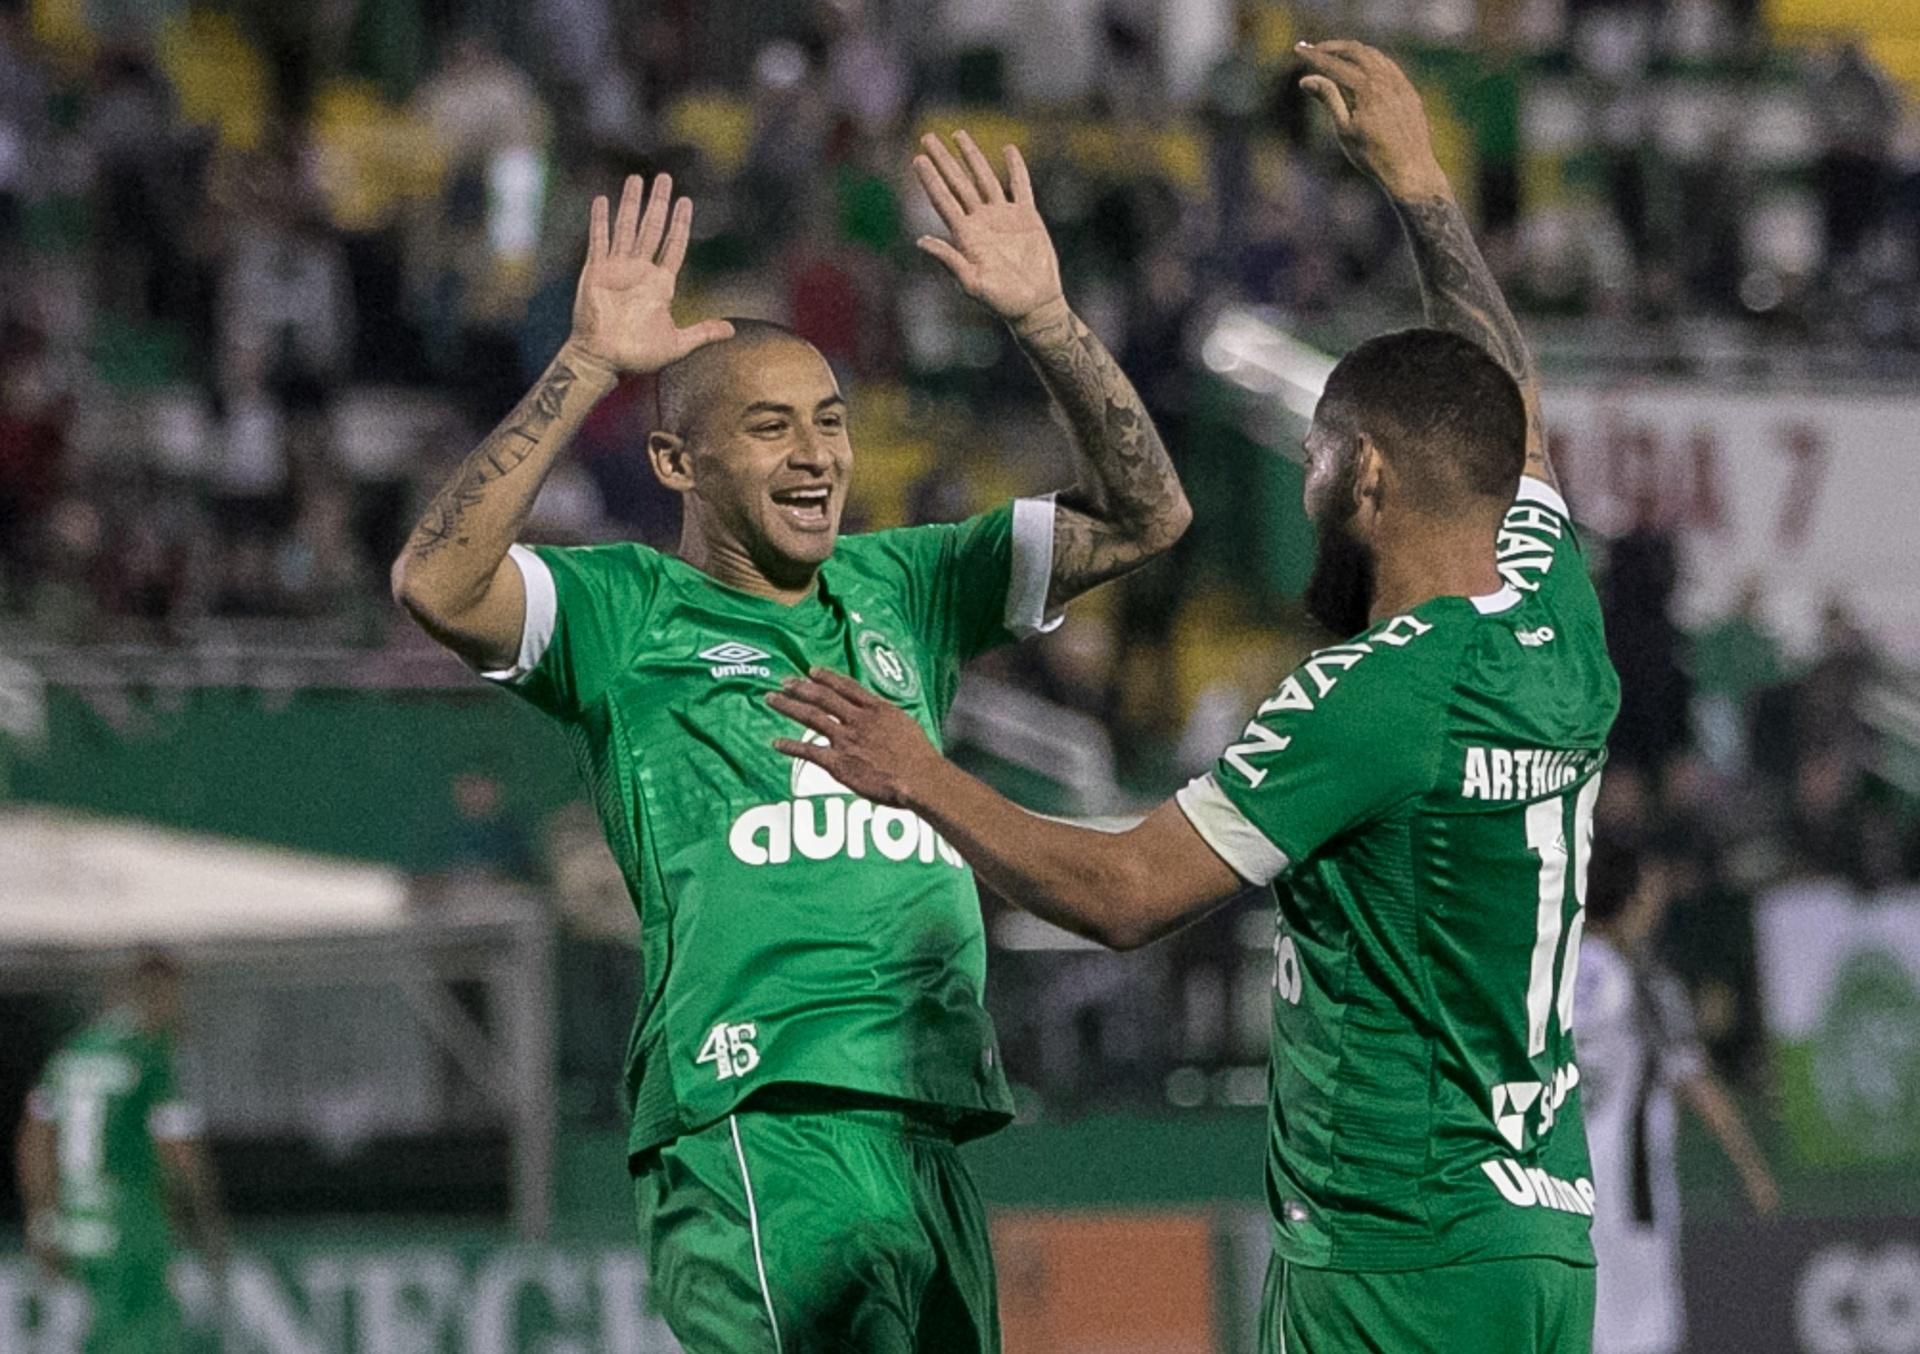 Chapecoense vence Ceará pelo alto e sai da zona de rebaixamento -  30 05 2018 - UOL Esporte 5e4f44537b5d2